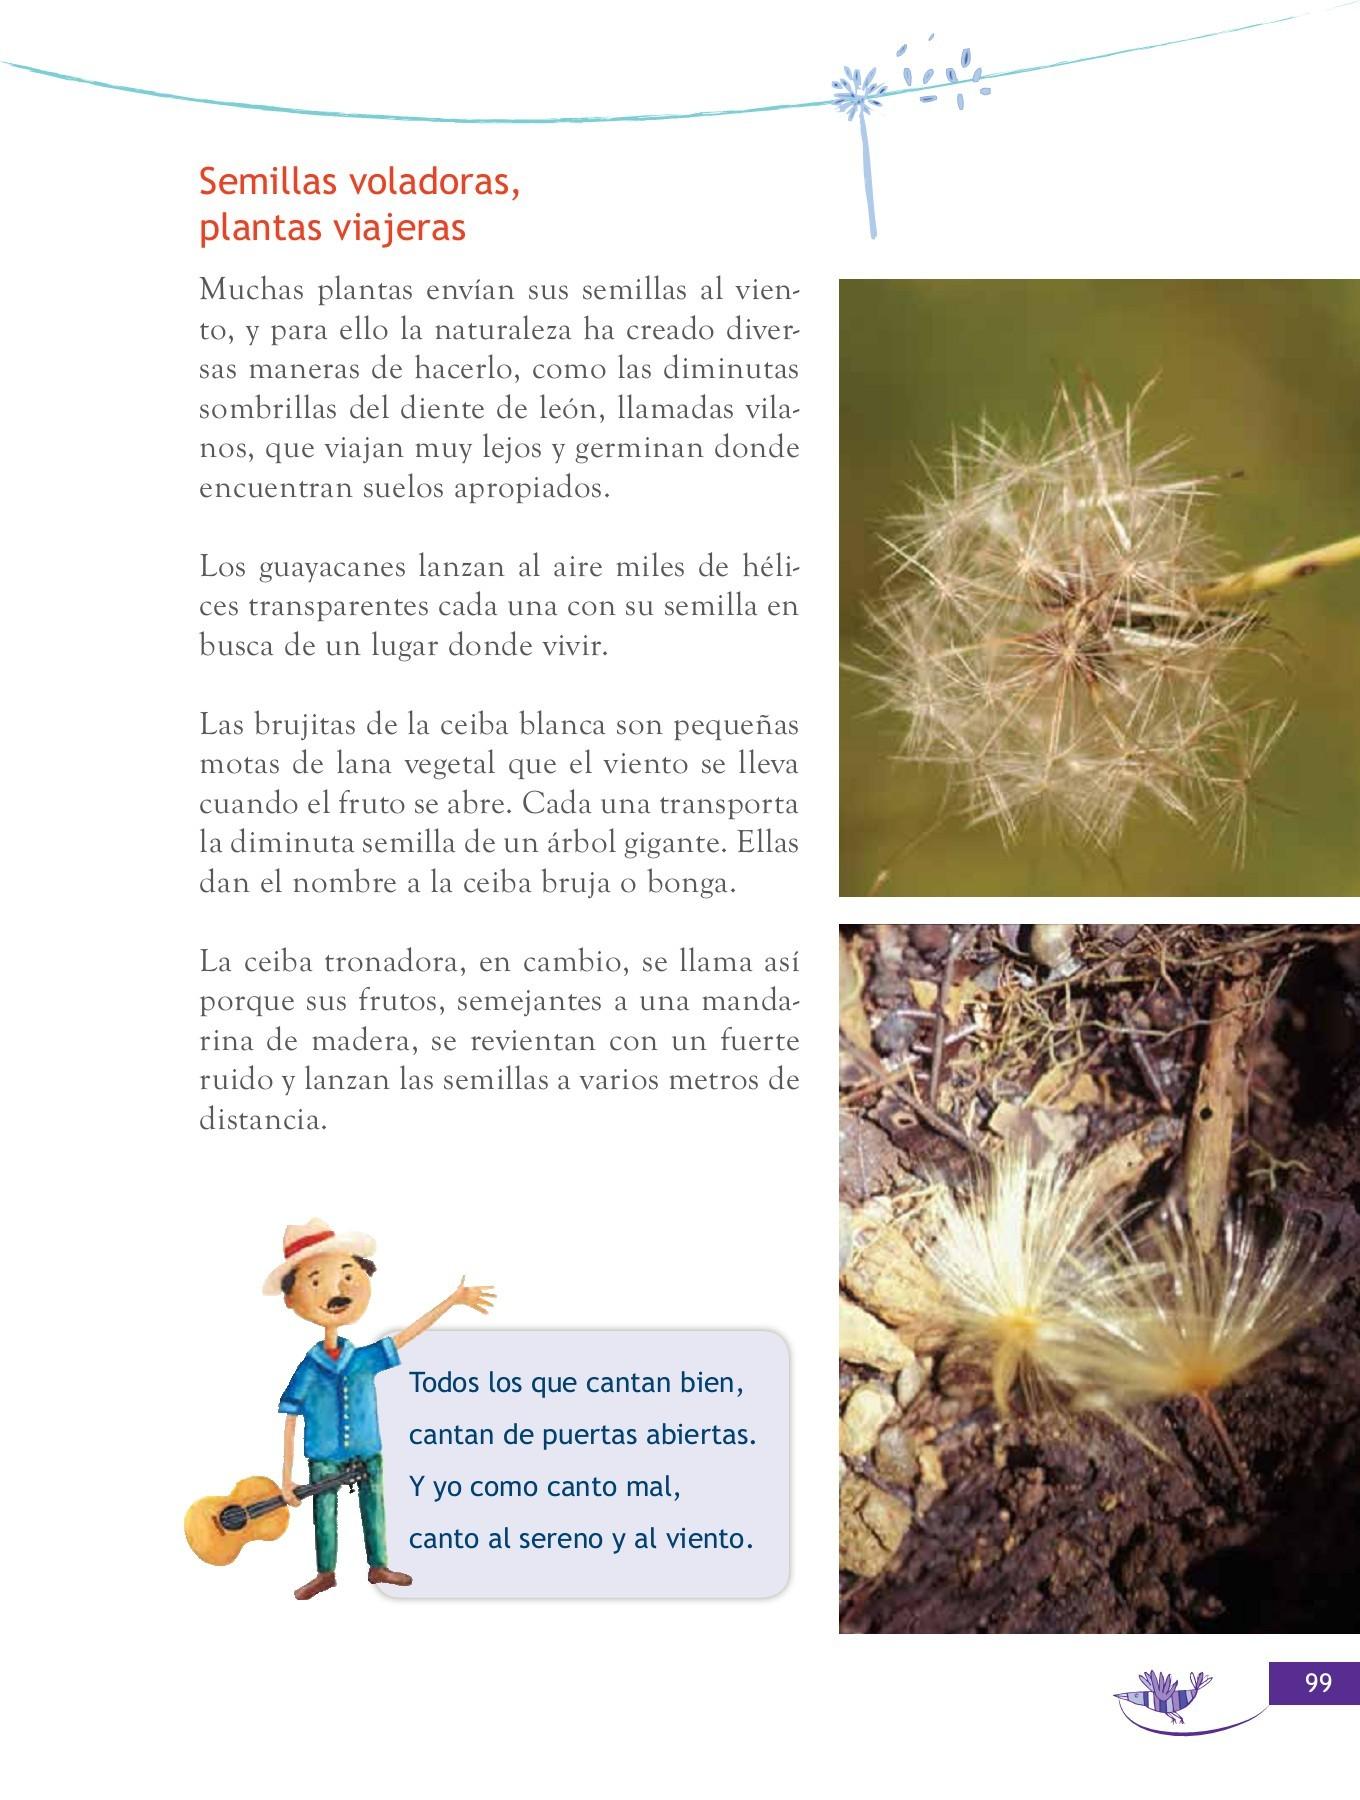 hierba de sauce peludo para la salud de la próstata